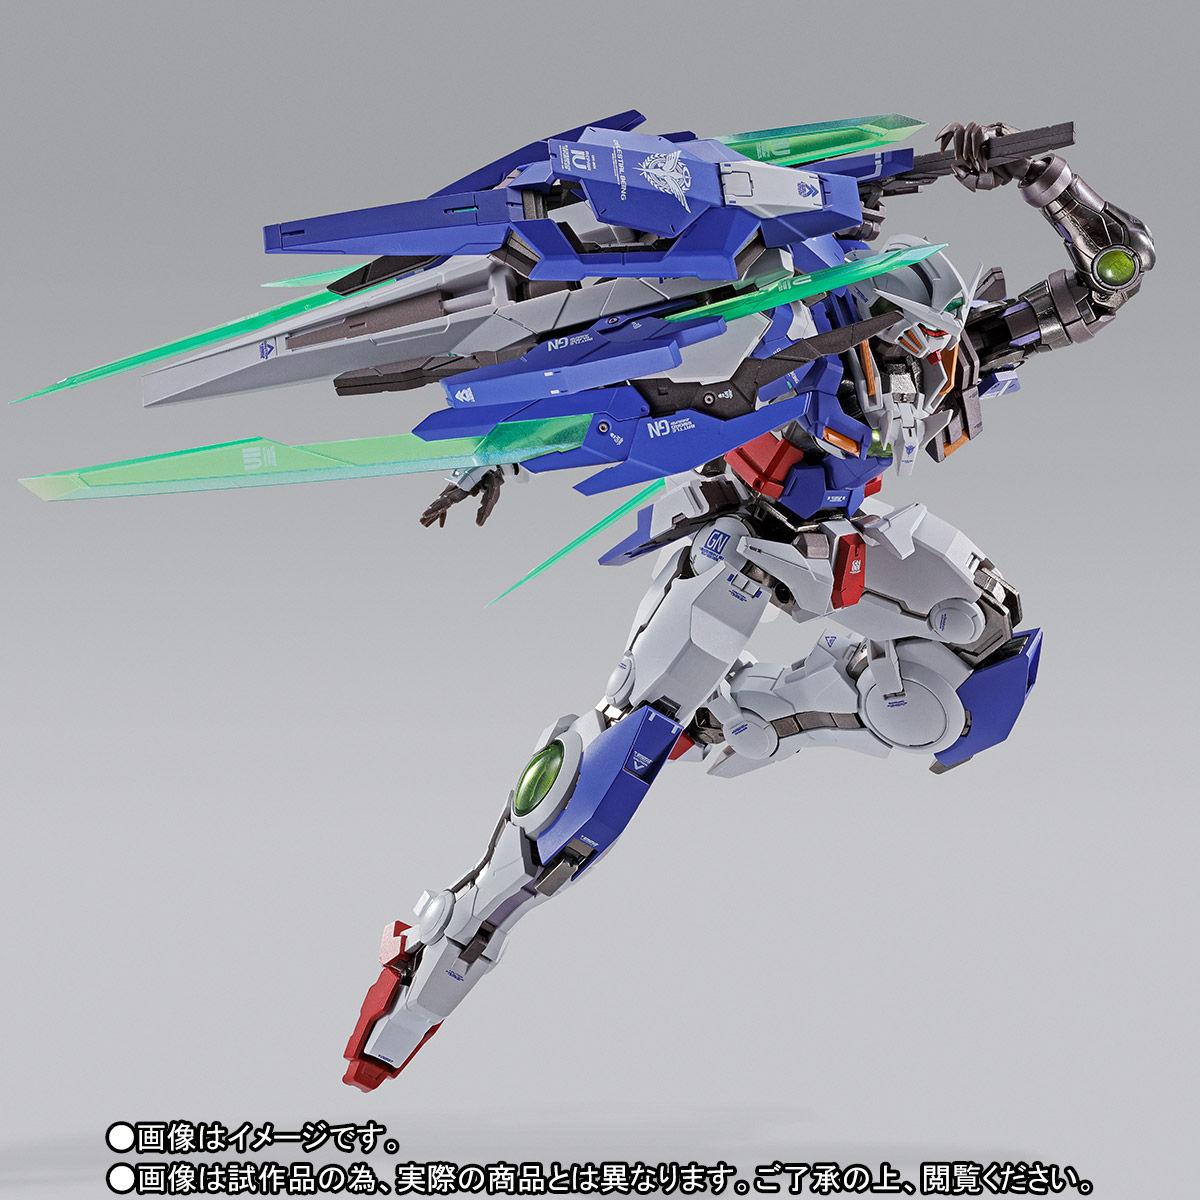 METAL BUILD『ガンダムエクシアリペアIV』機動戦士ガンダム00 可動フィギュア-007